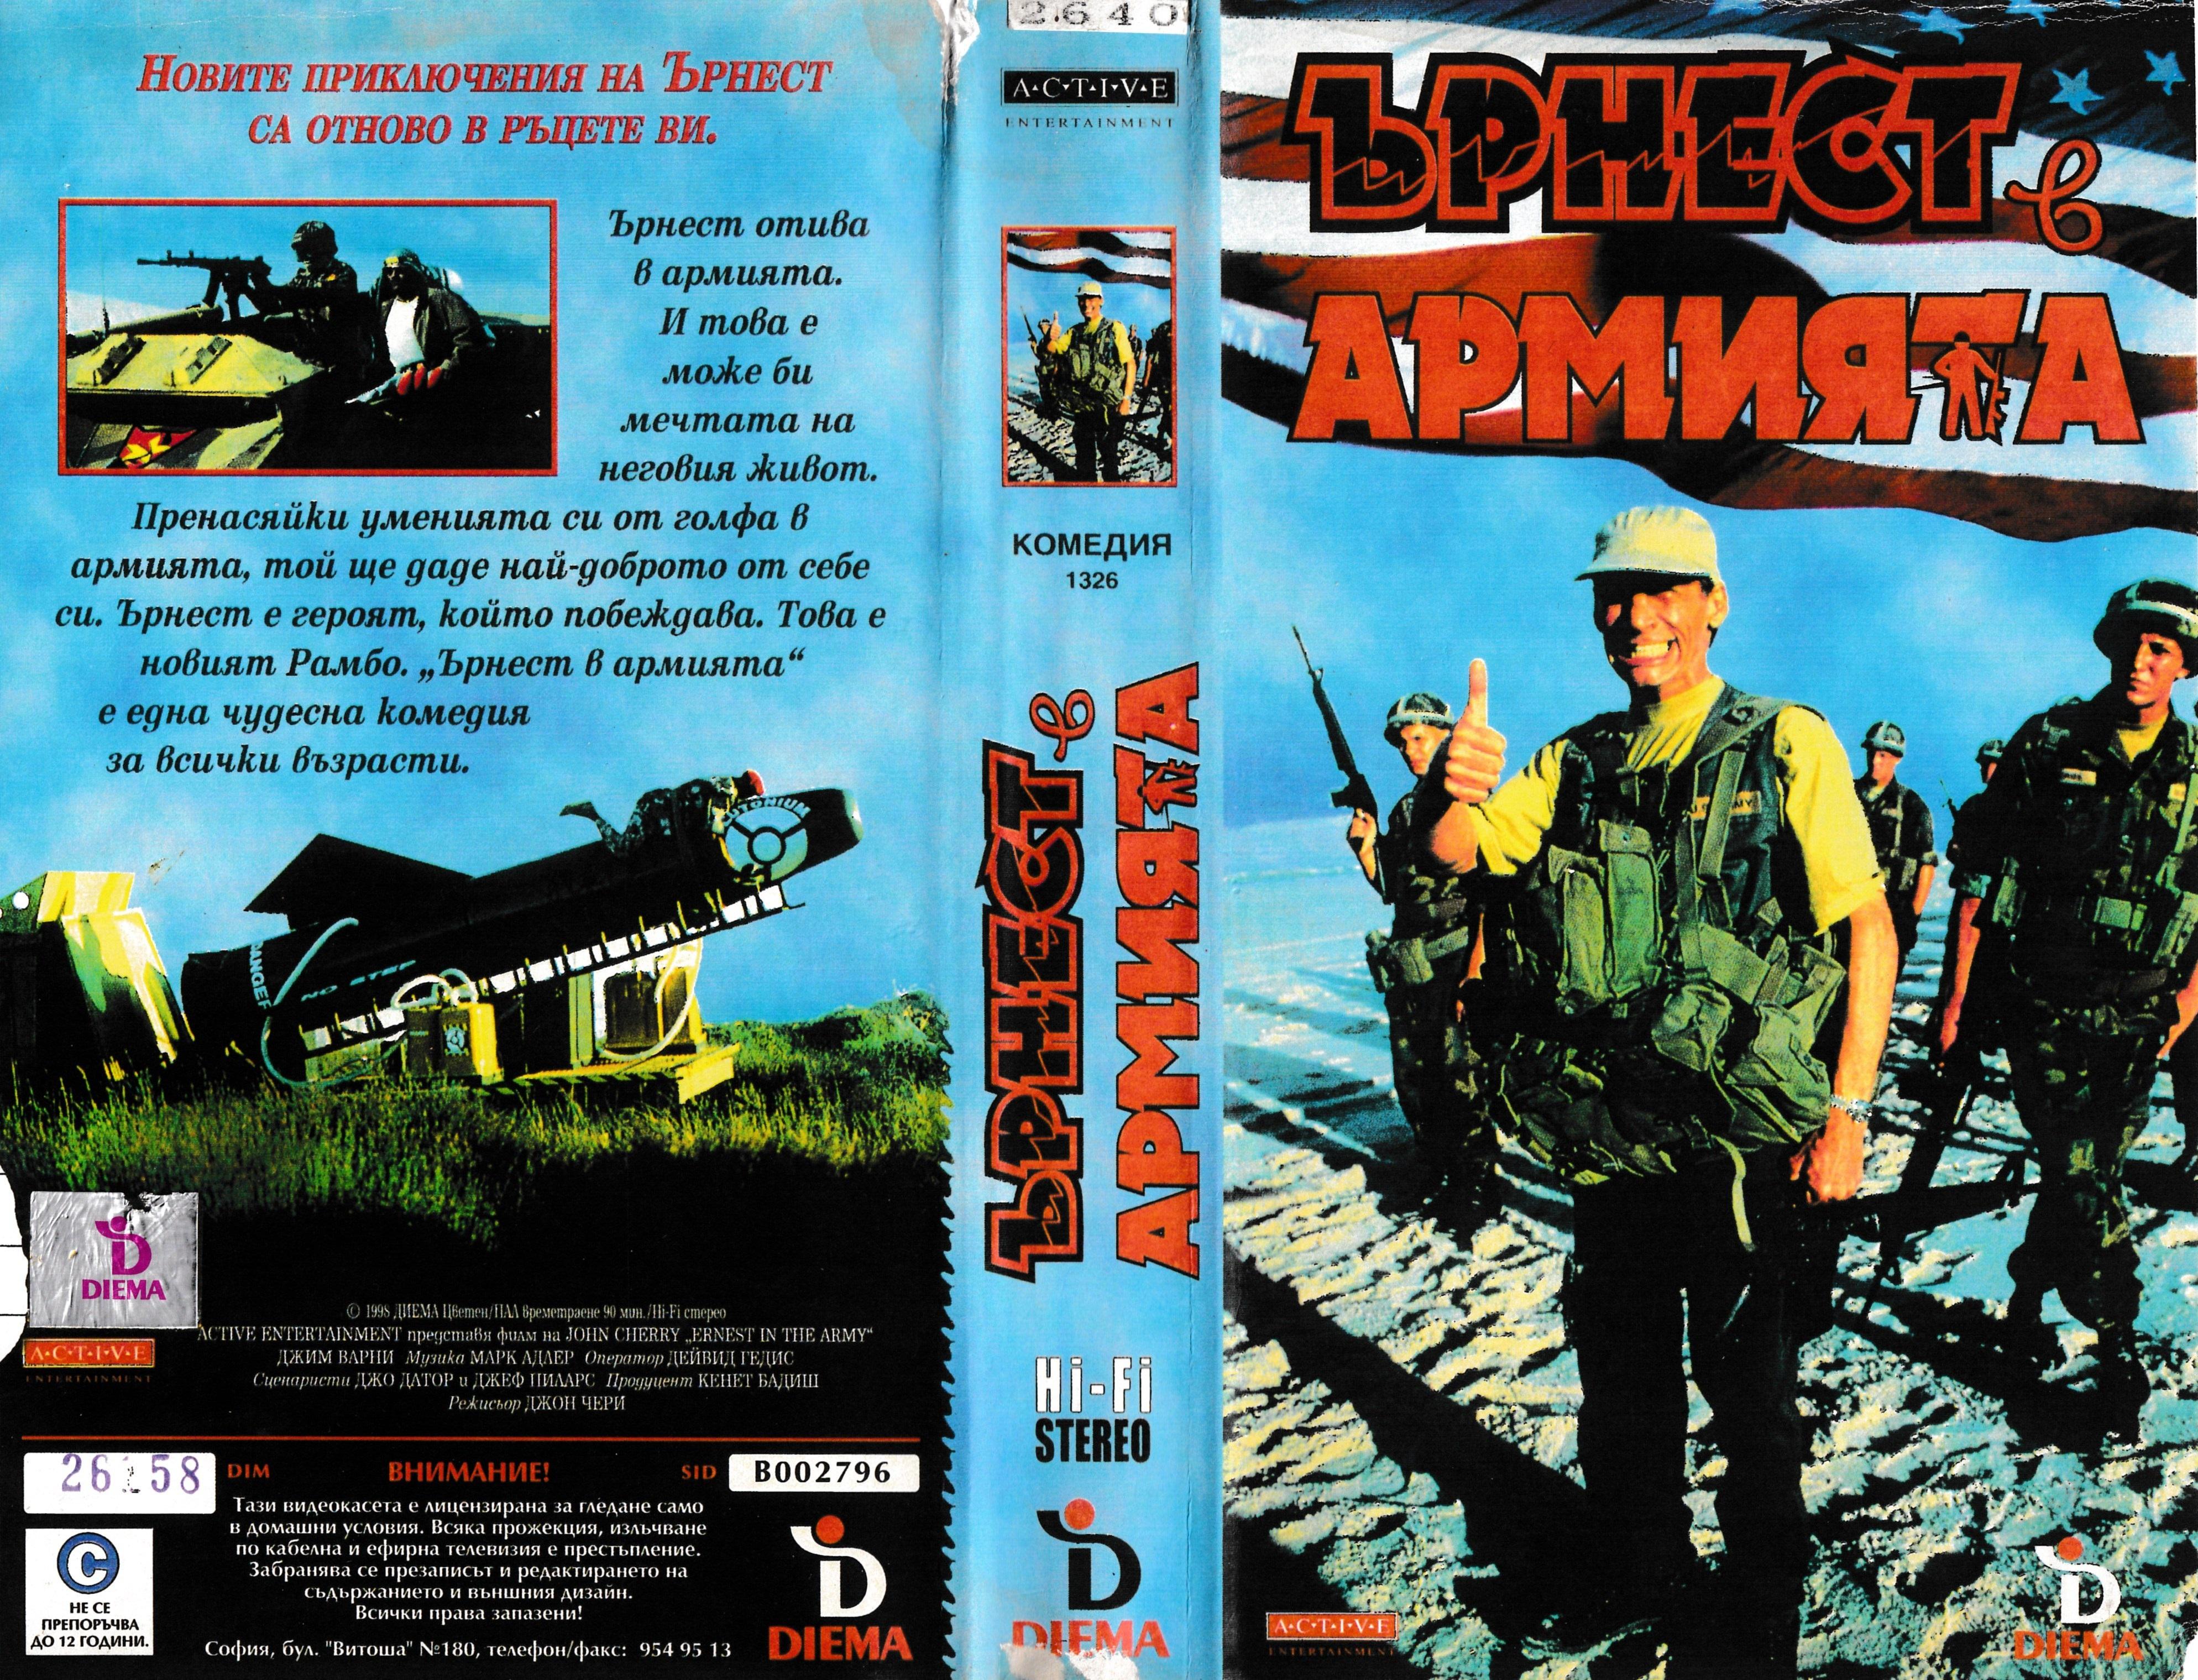 Ърнест в армията филм